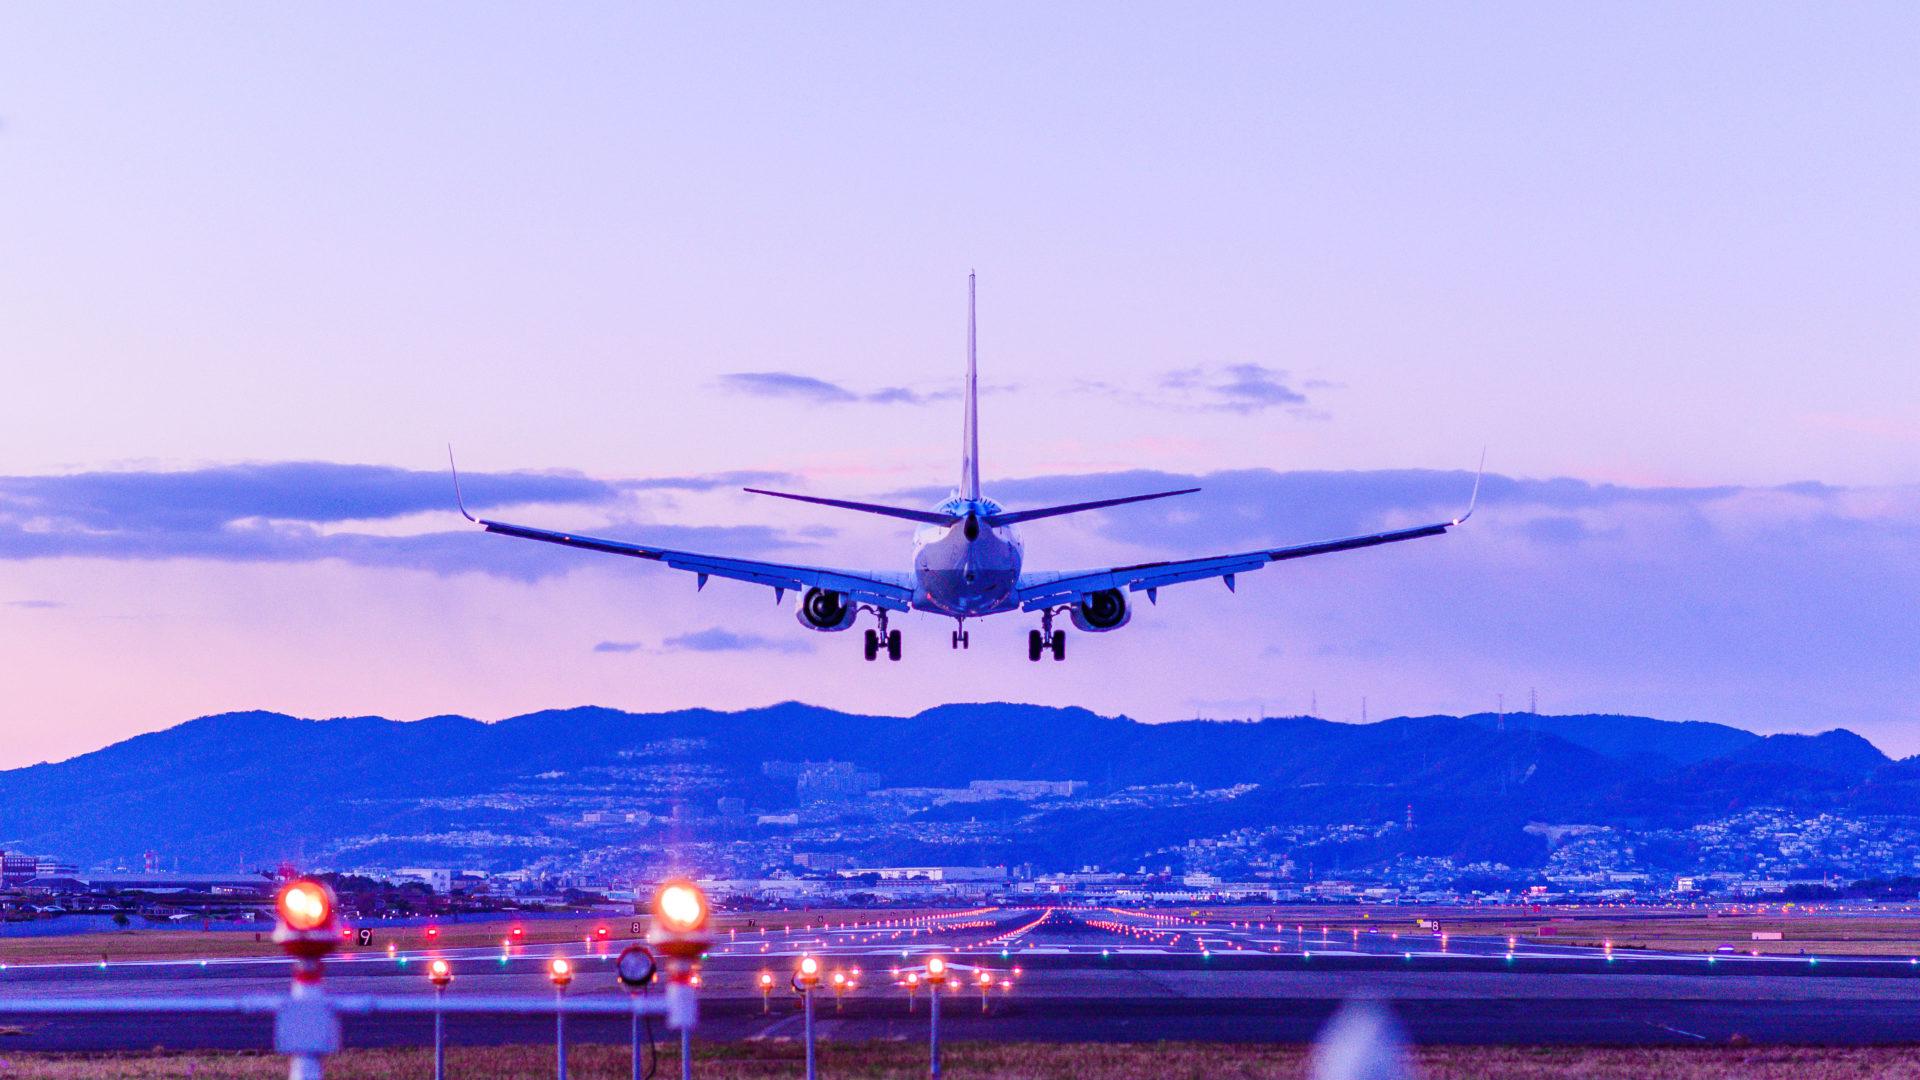 ヒマラヤからの祝福と静寂が愛に変わる瞬間を表した飛行機